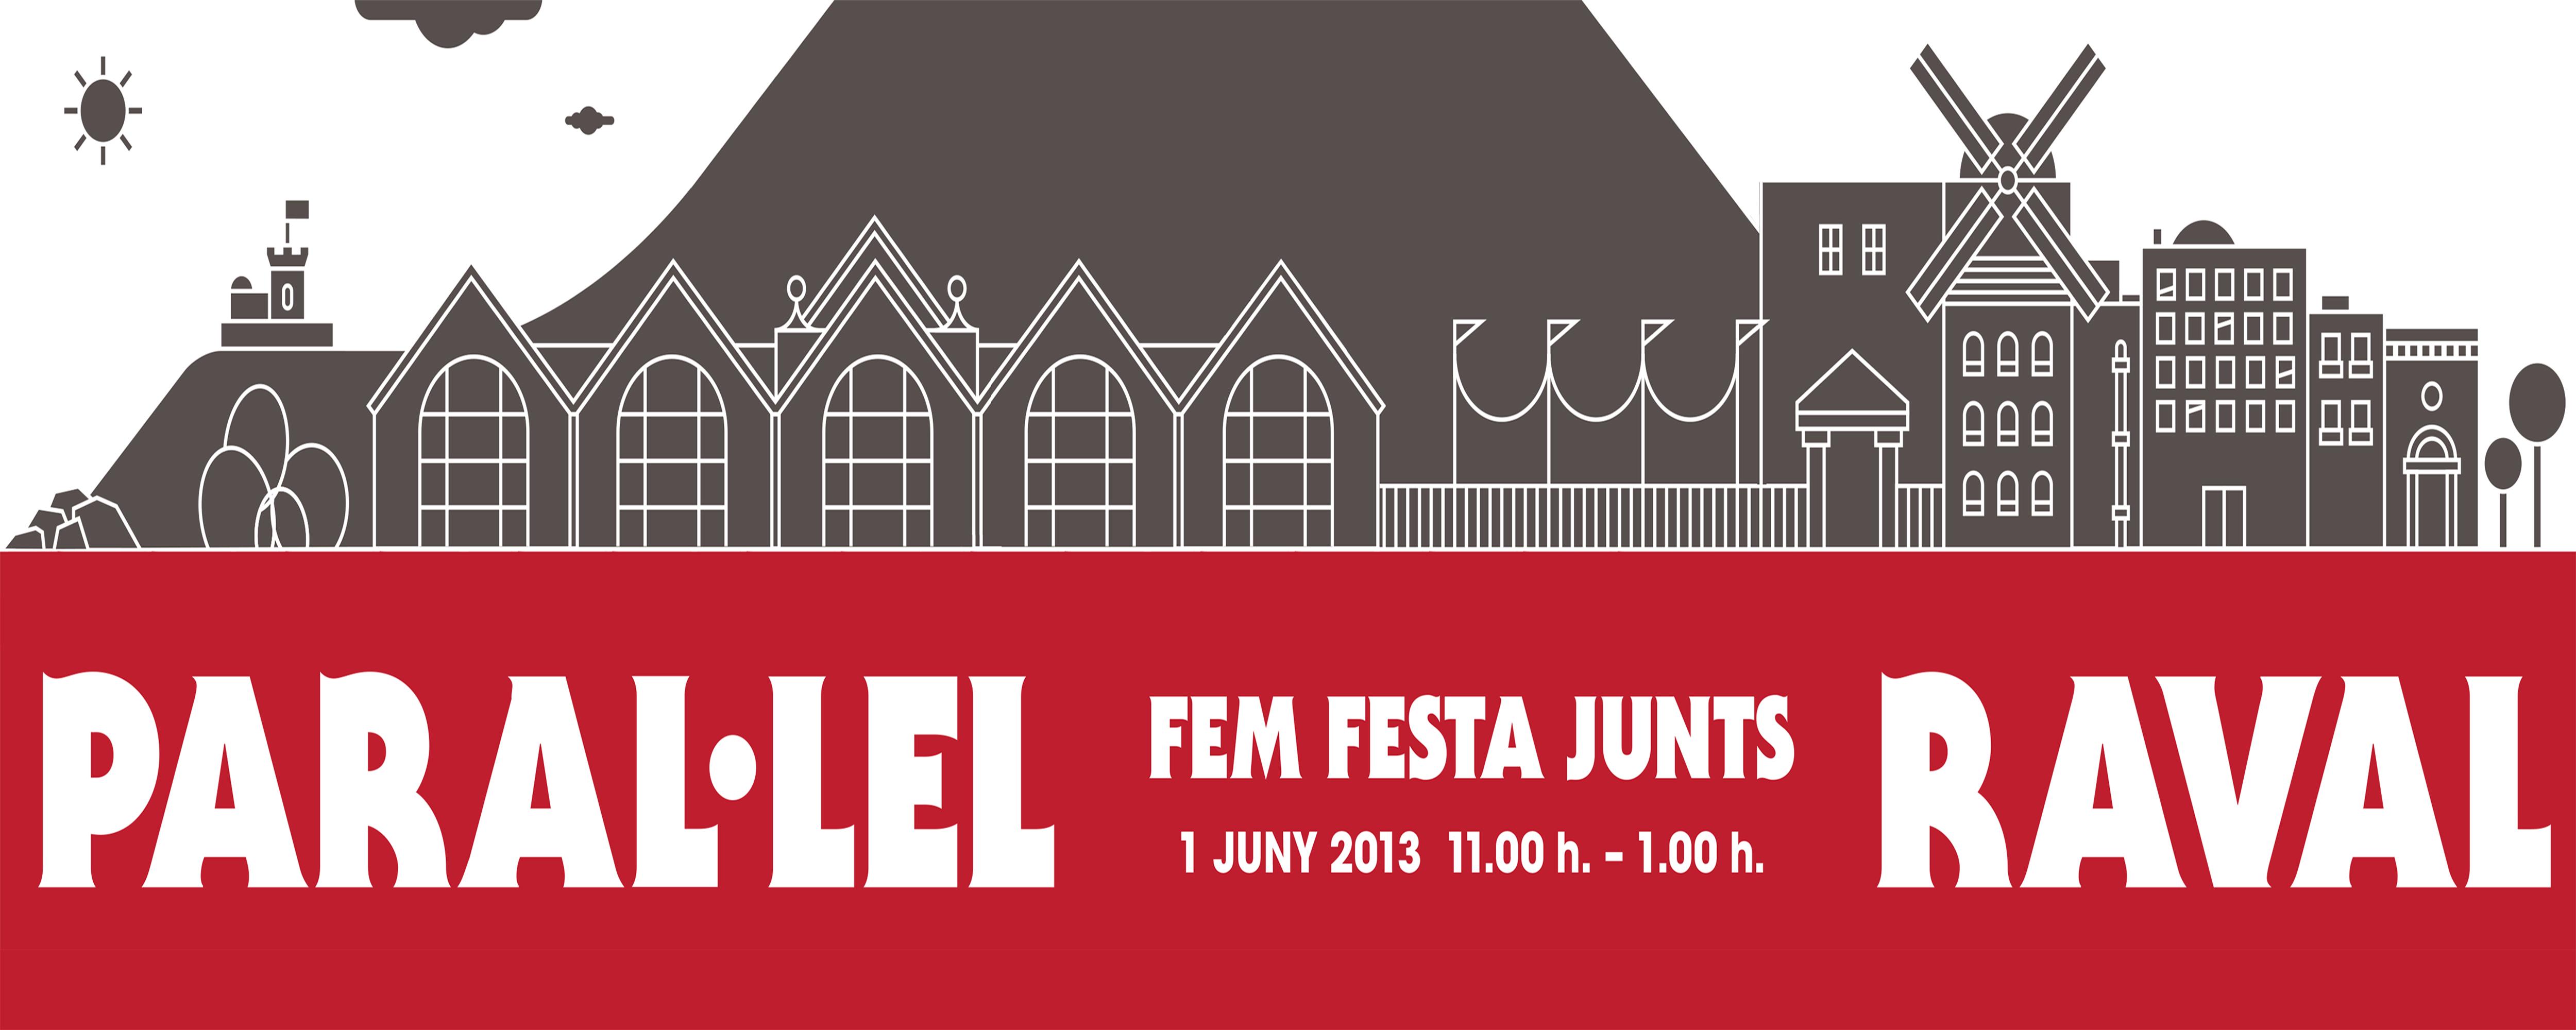 femparallel-banner2